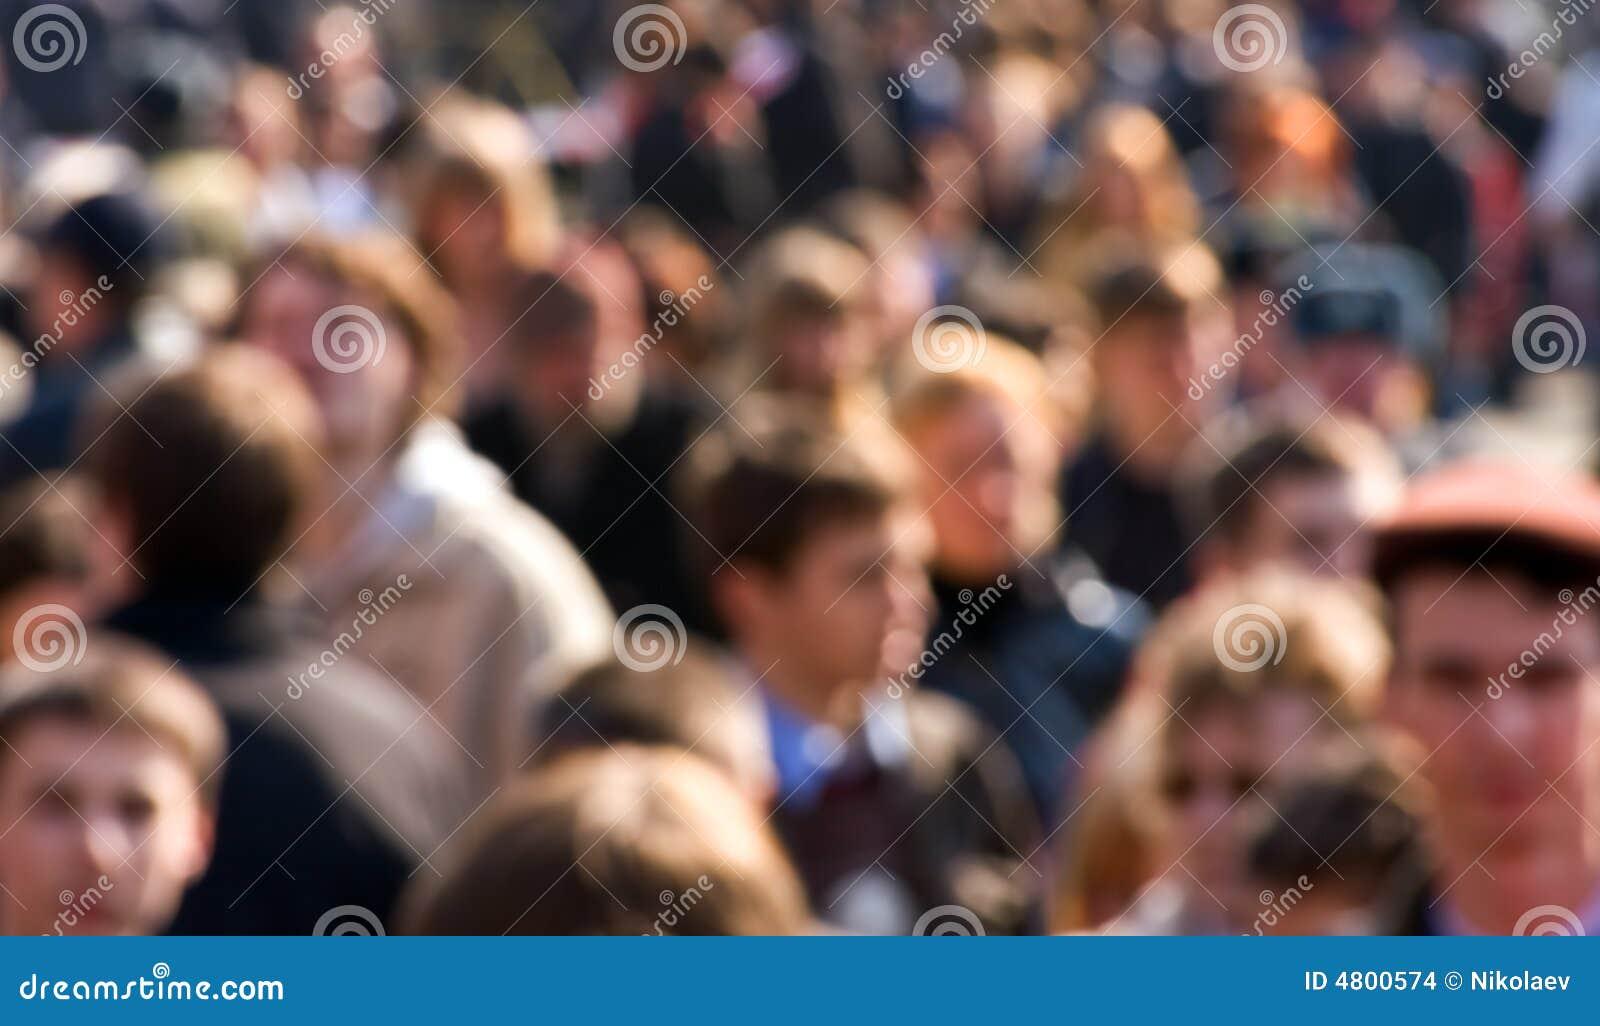 πλήθος